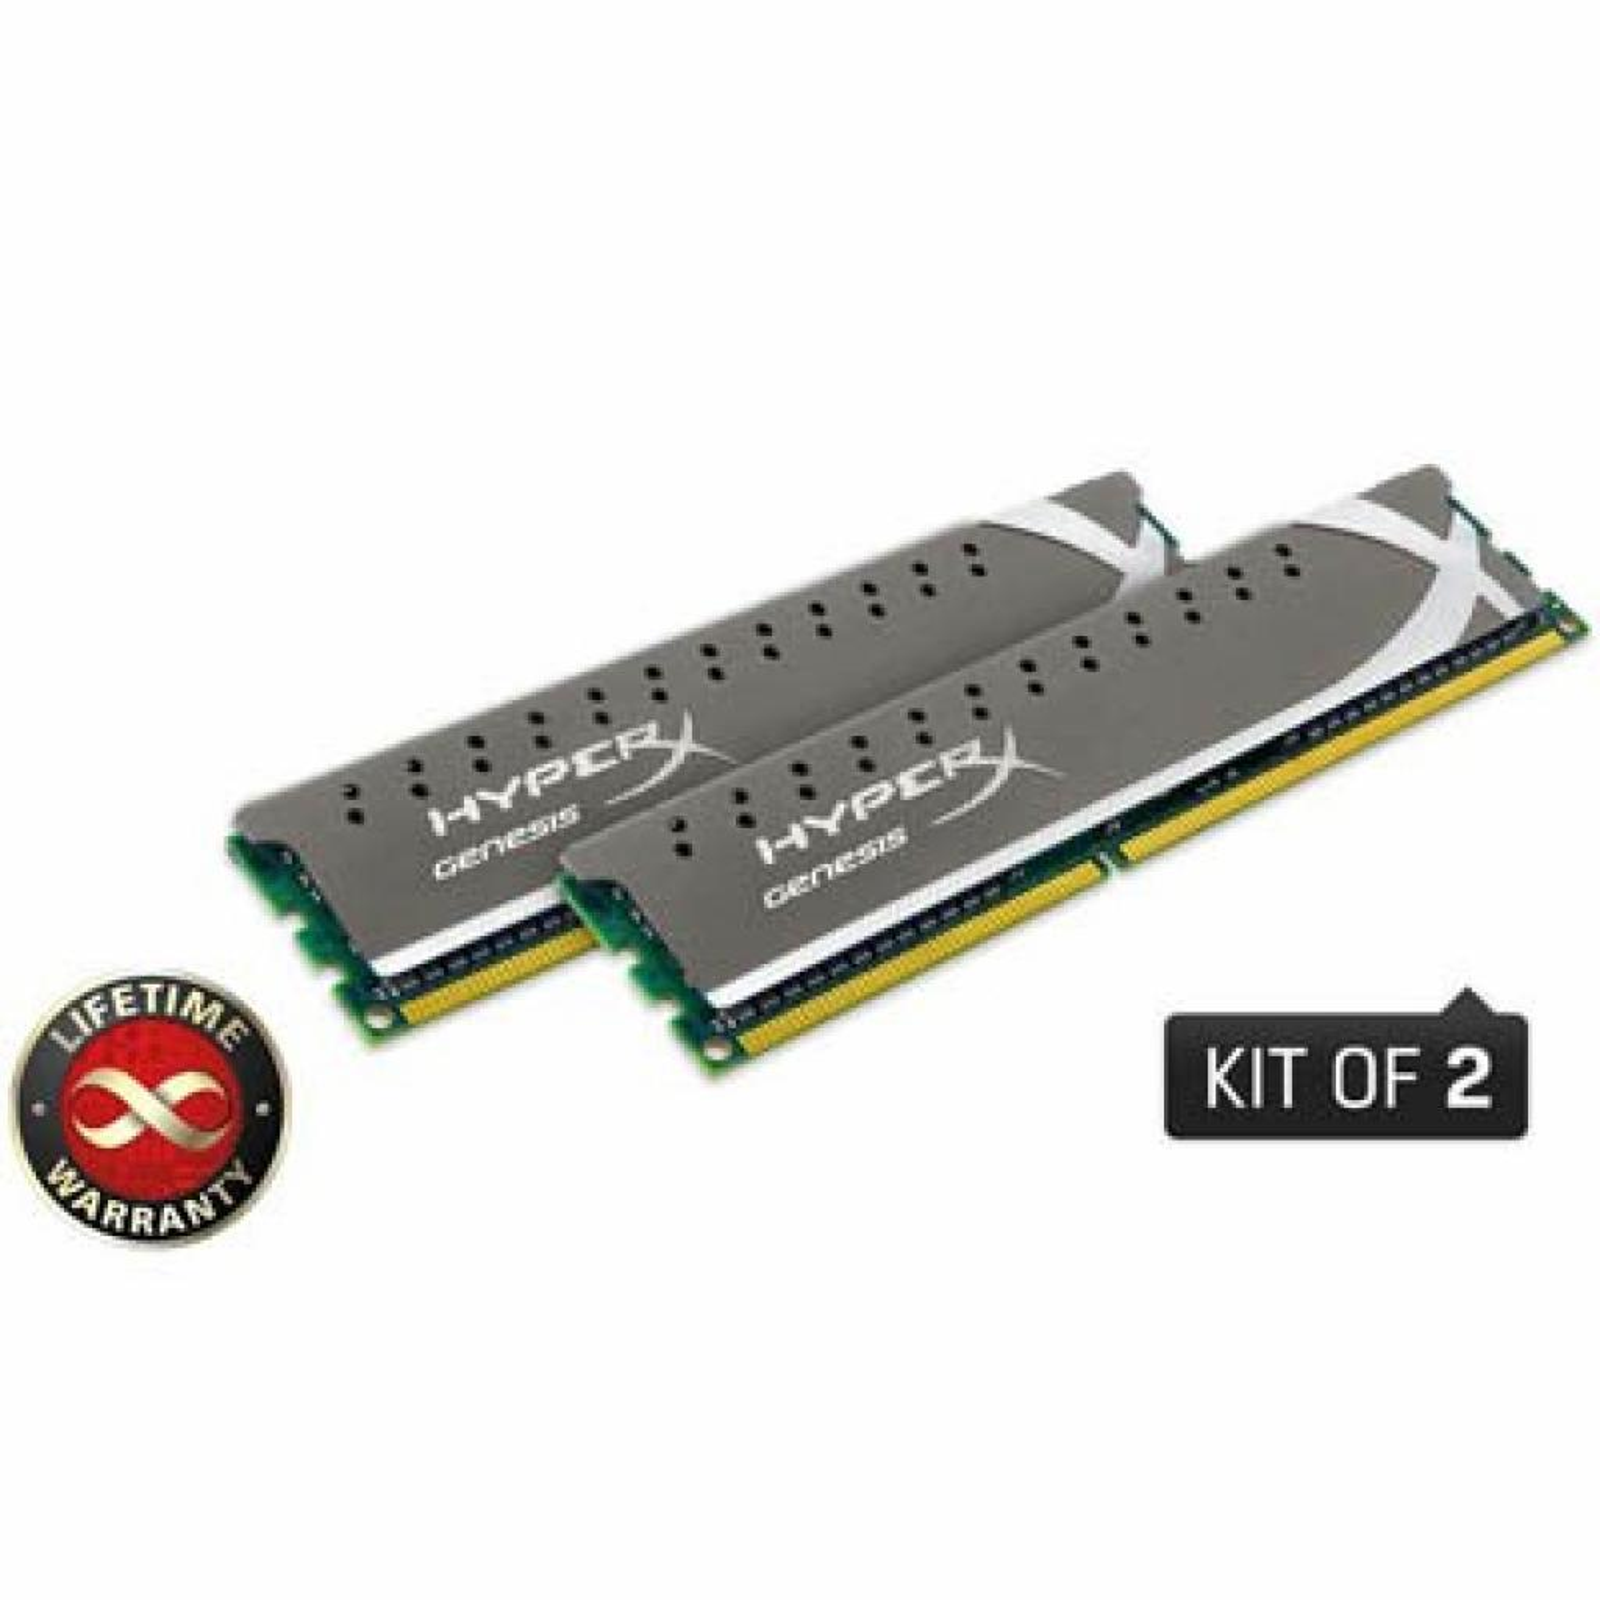 Модуль памяти для компьютера DDR3 8GB (2x4GB) 1600 MHz Kingston (KHX1600C9D3X2K2/8GX)